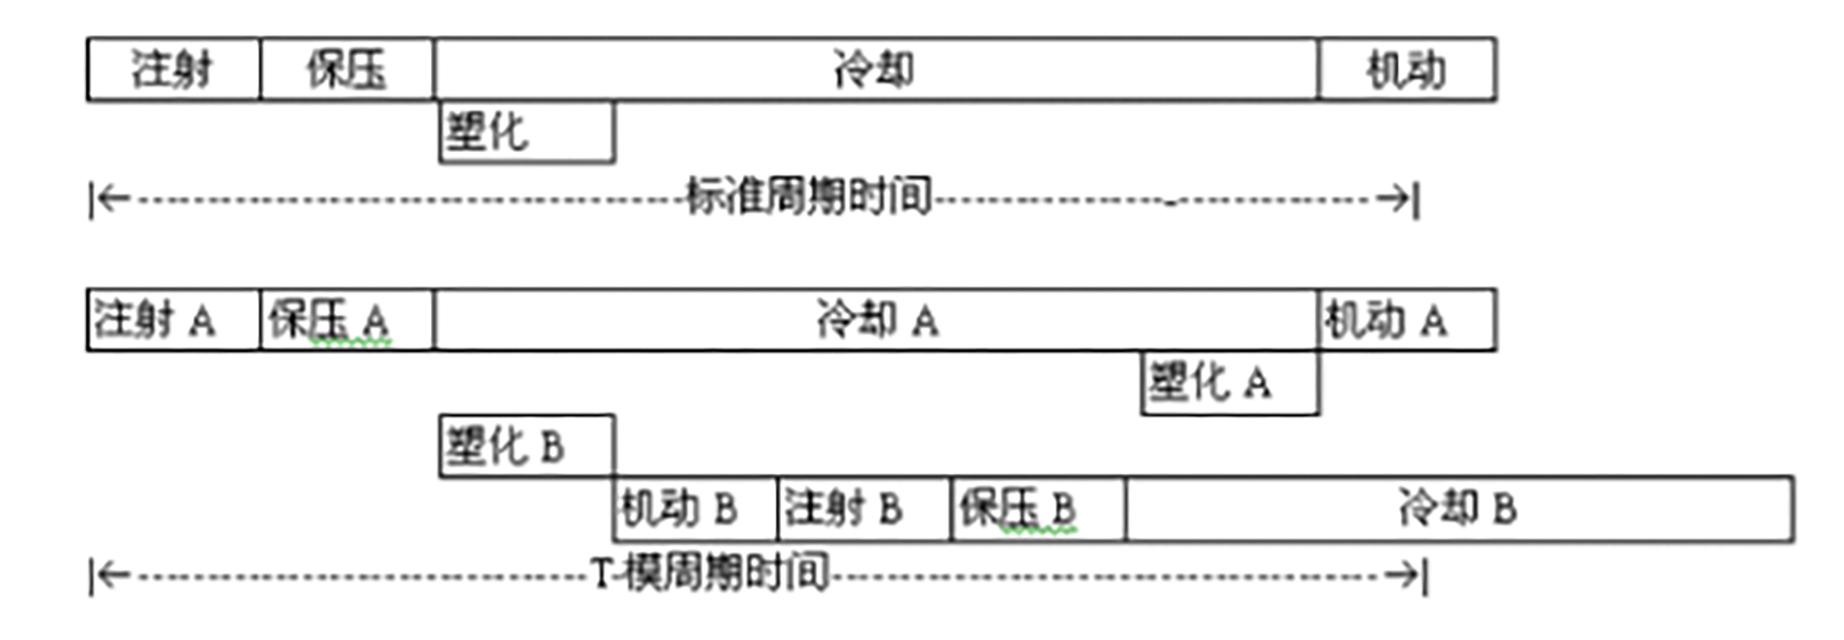 049-注塑机操作工序(步骤)